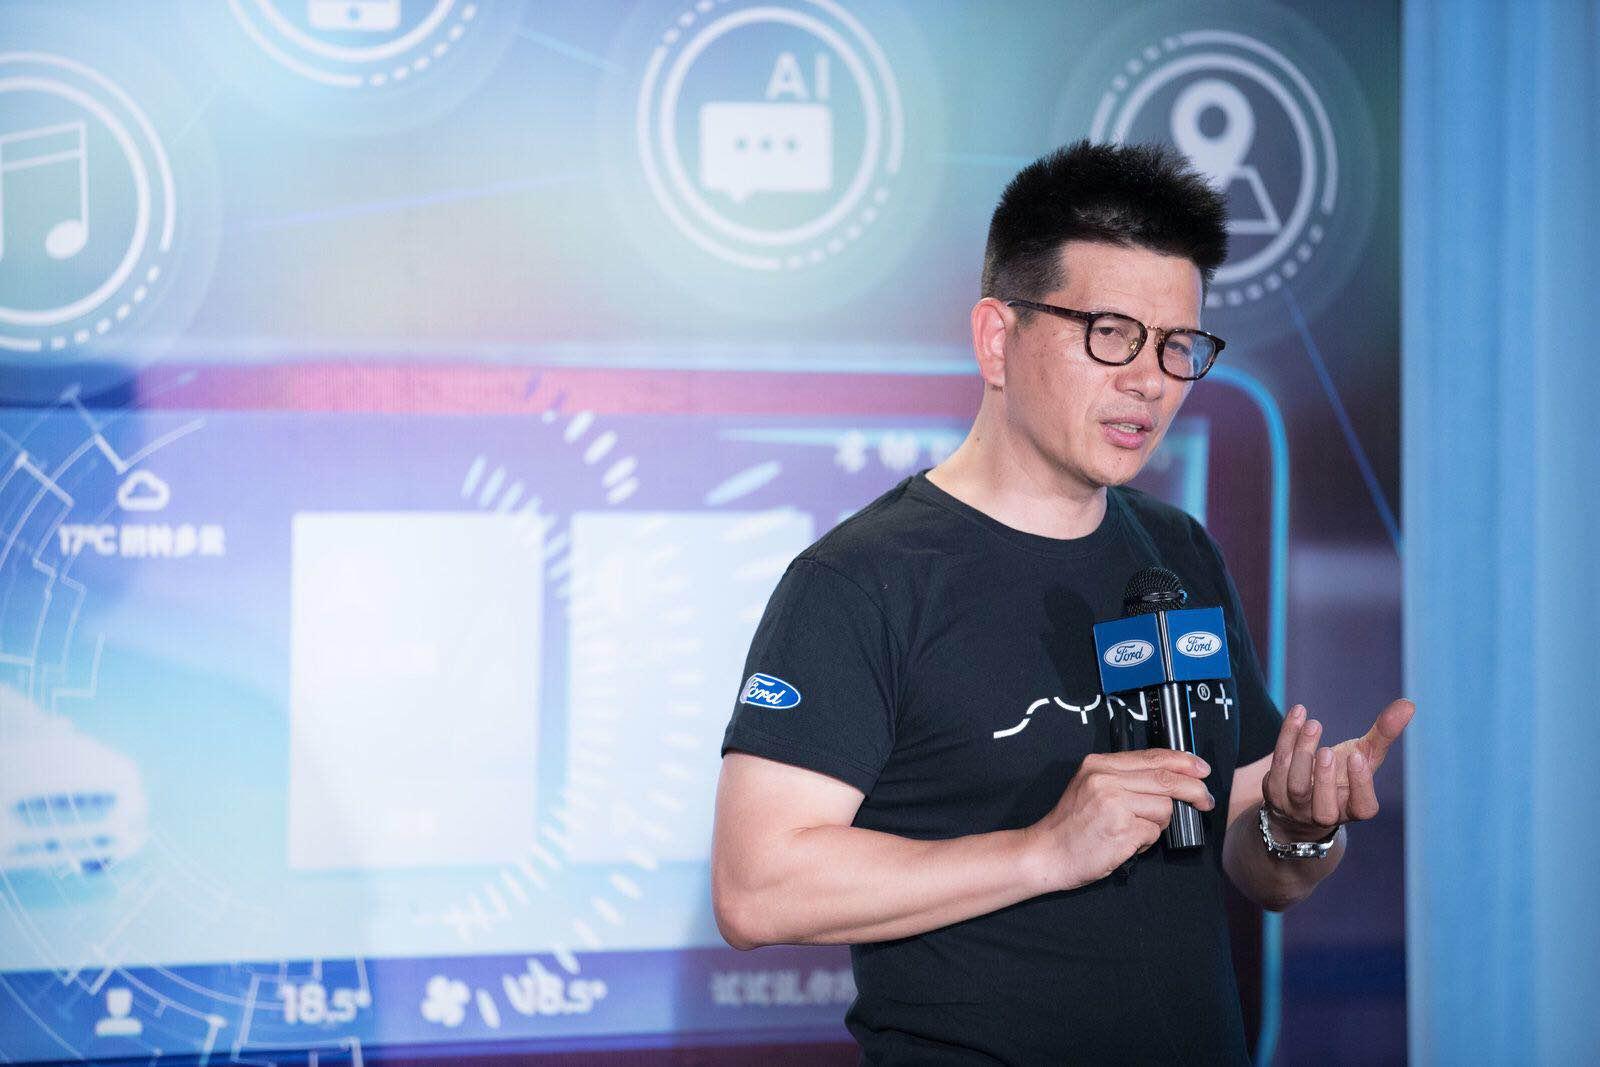 福特中国信息技术、移动平台和产品副总裁侯新海